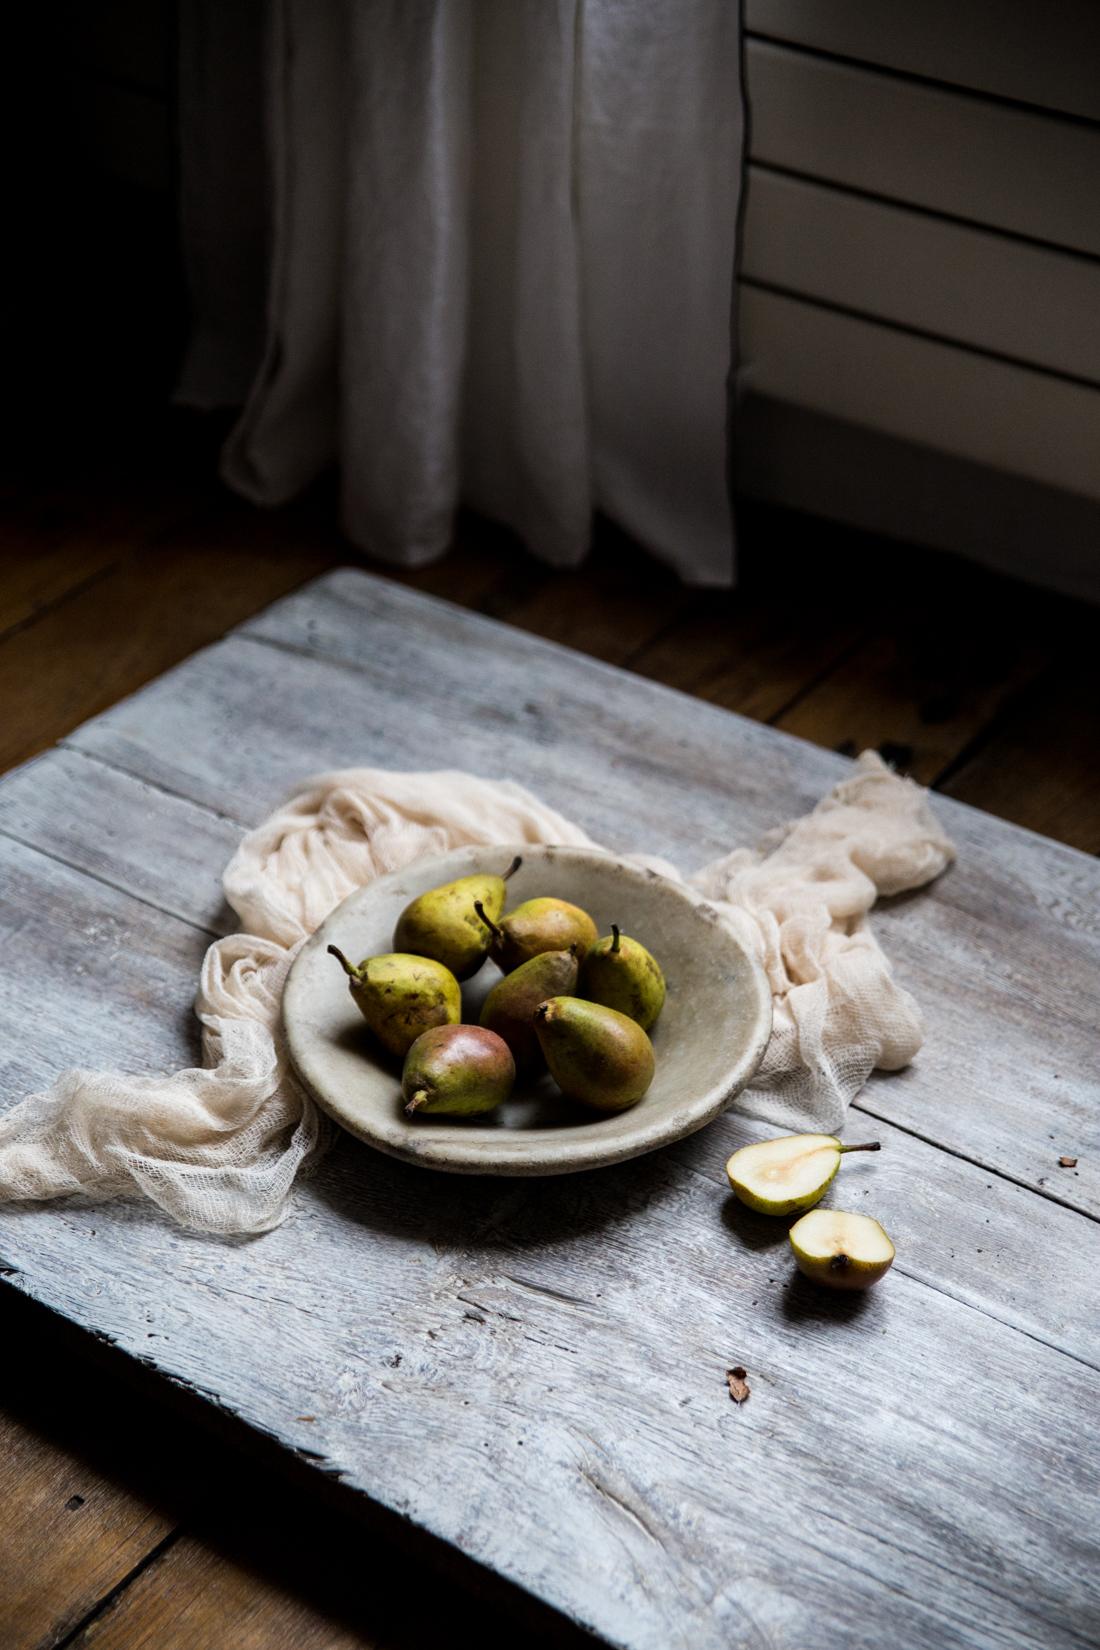 poires-ophelies-kitchen-book-ophelie-lauret-4